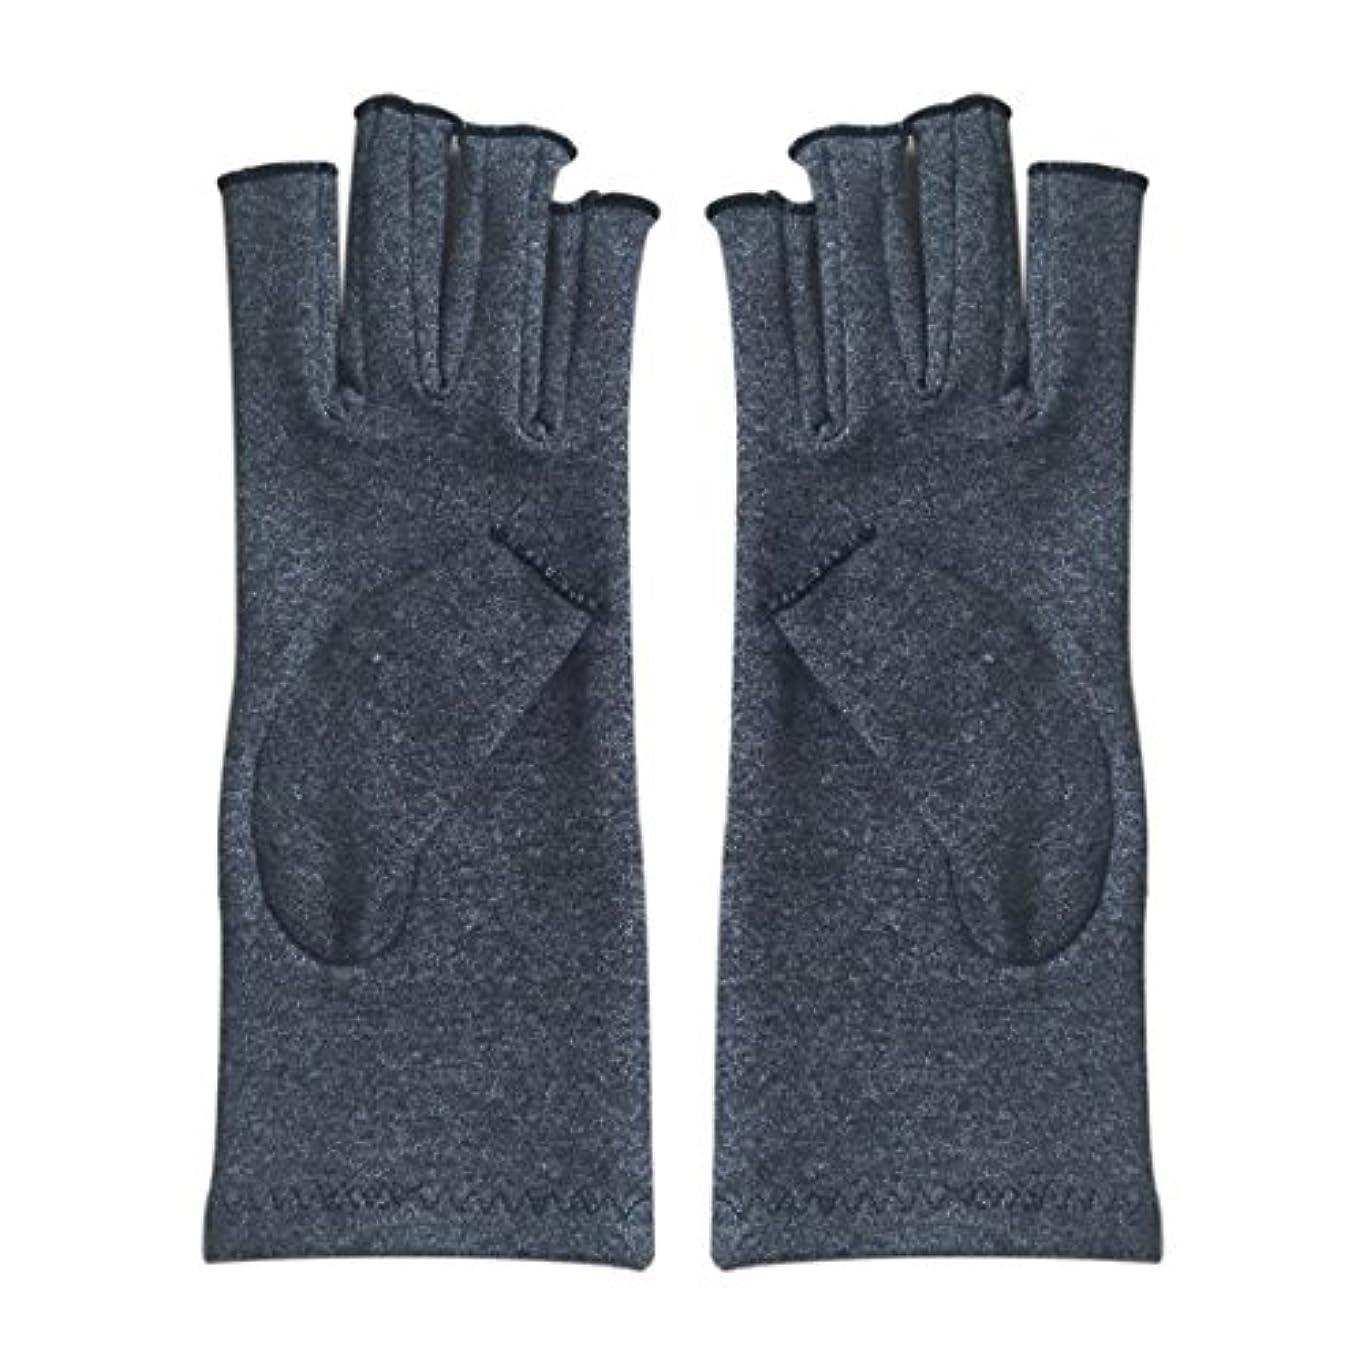 周辺申し立てられた調和Cikuso 1ペア成人男性女性用弾性コットンコンプレッション手袋手関節炎関節痛鎮痛軽減S -灰色、S